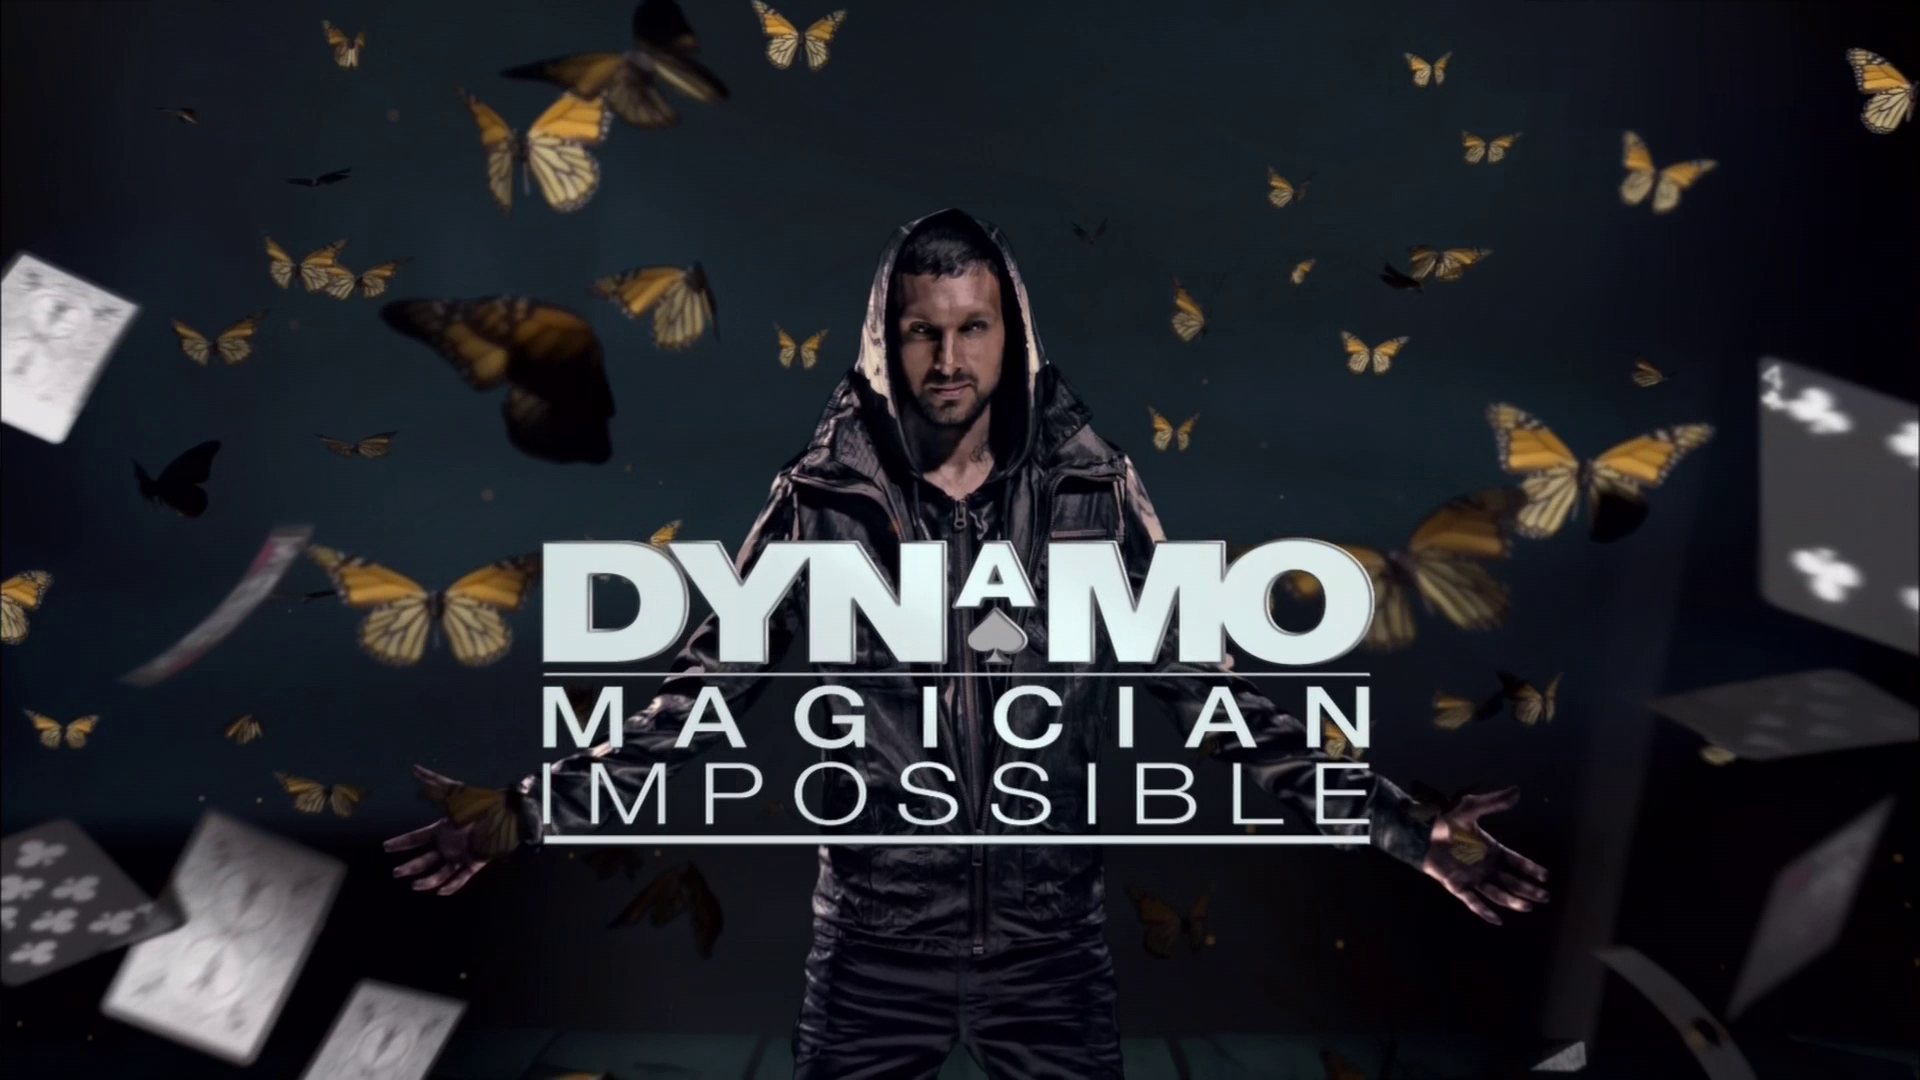 Dynamo Magician Impossible - spreekbeurt - wat is goochelen